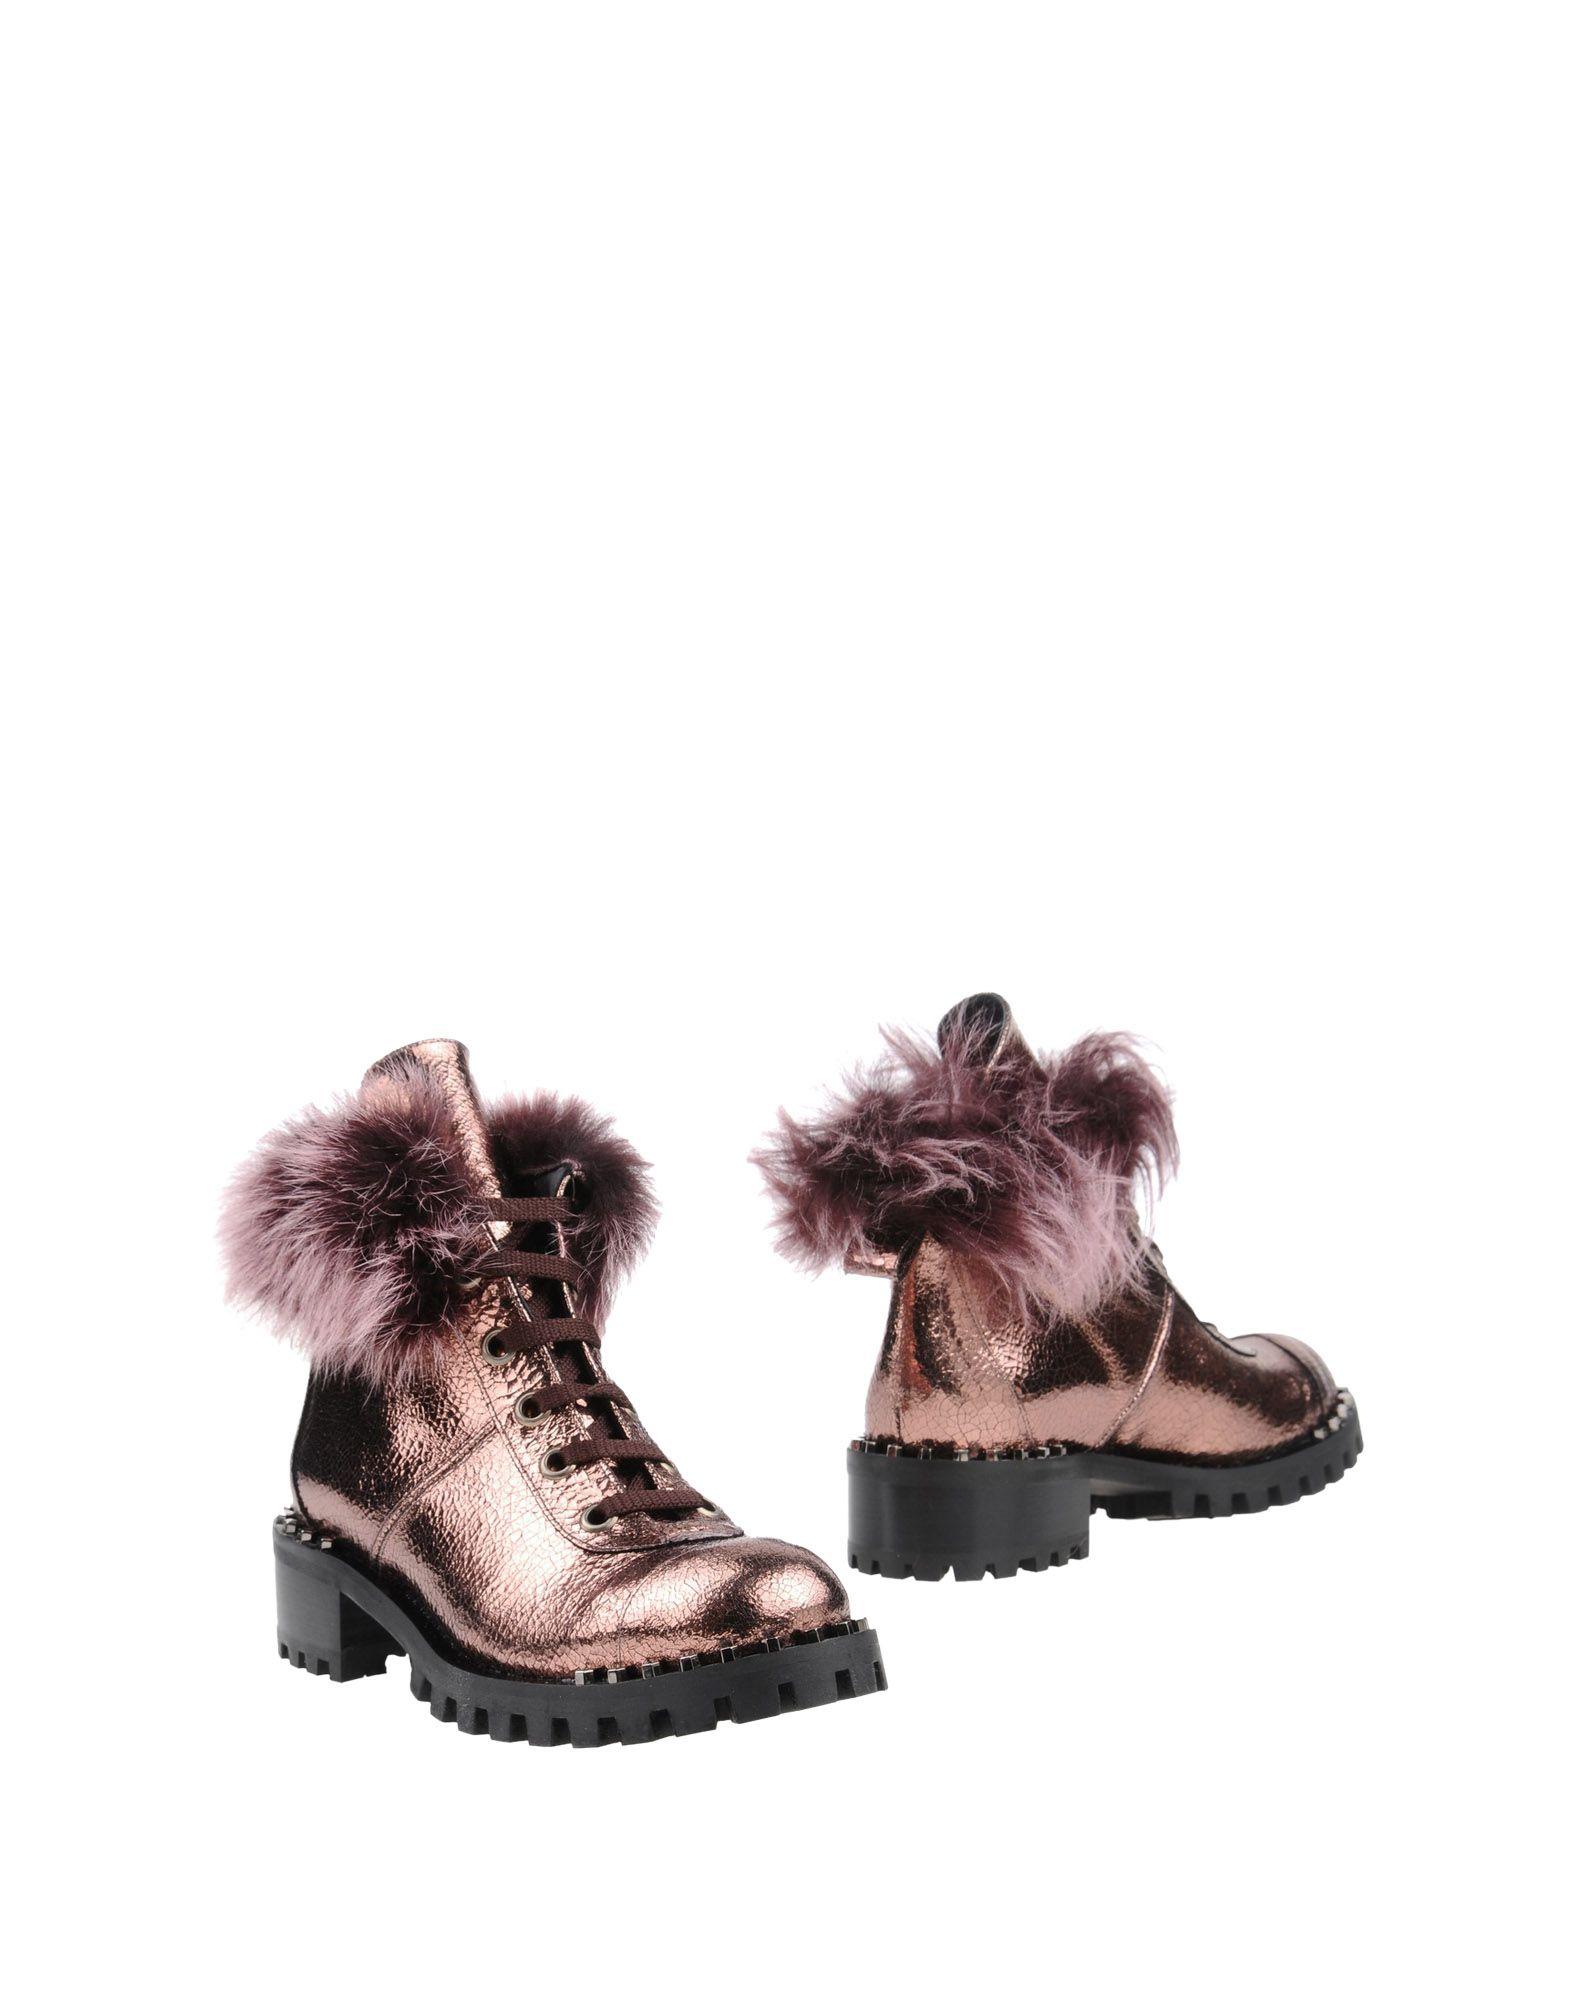 Ras Stiefelette Damen  11335915UNGut aussehende strapazierfähige Schuhe